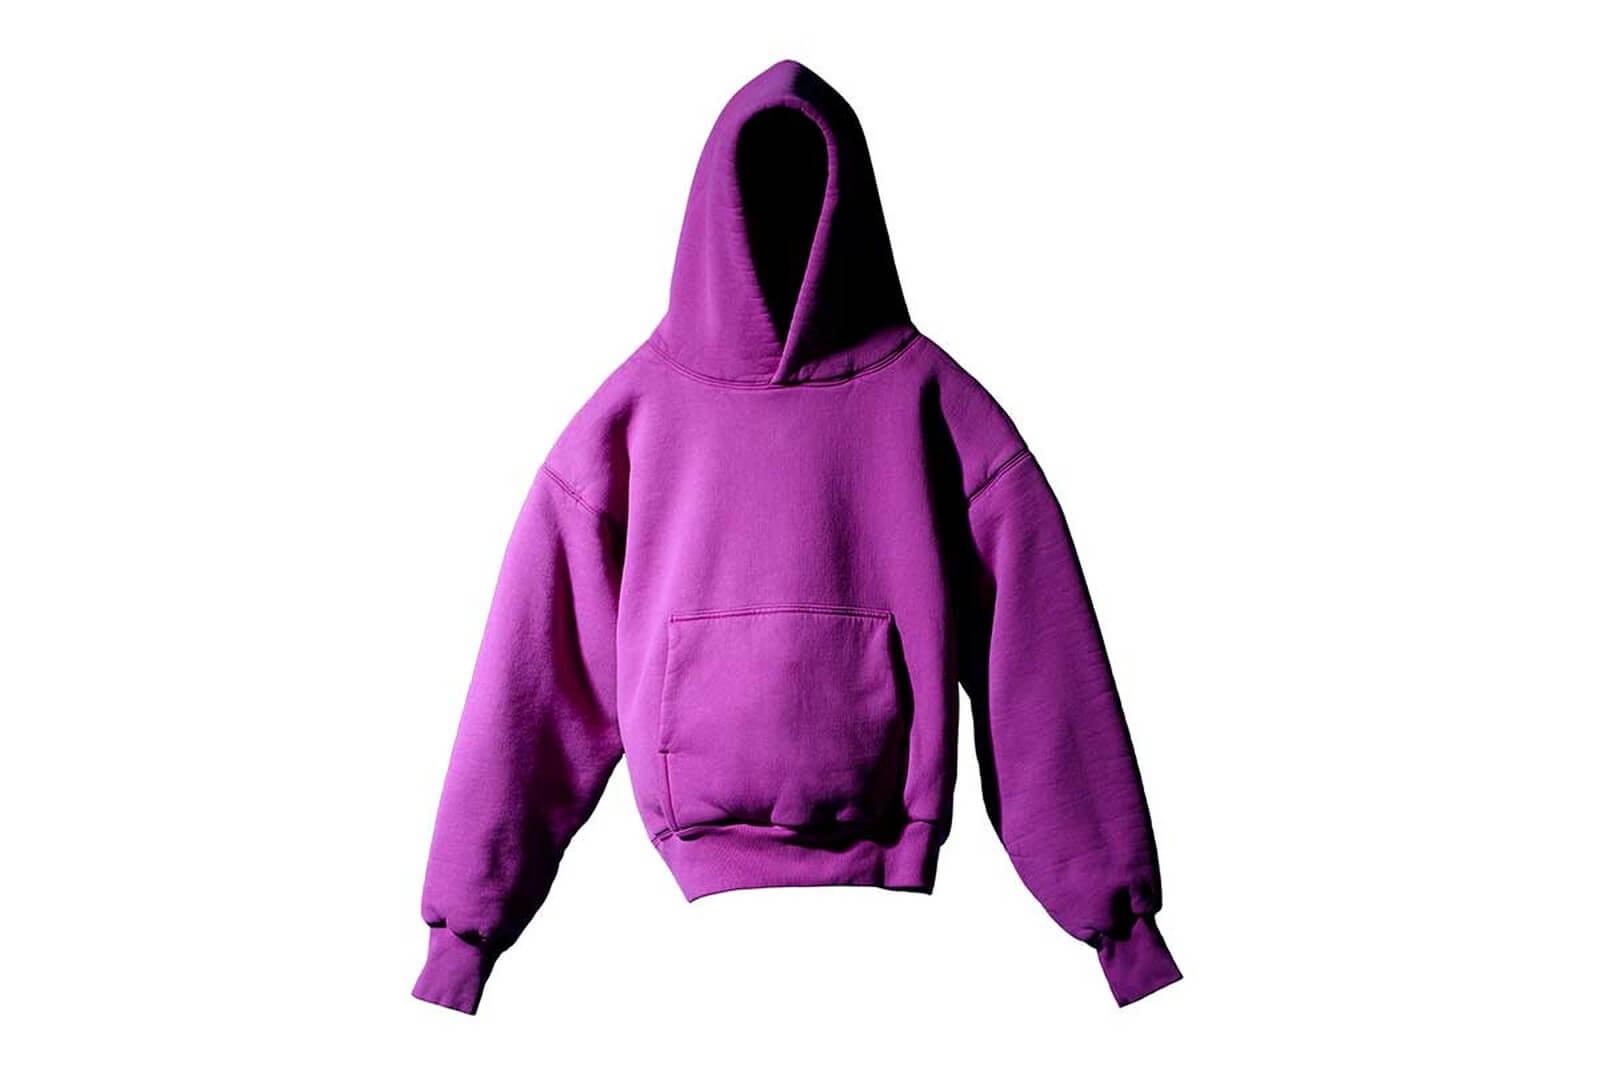 yeezy gap hoodie release date buy 5